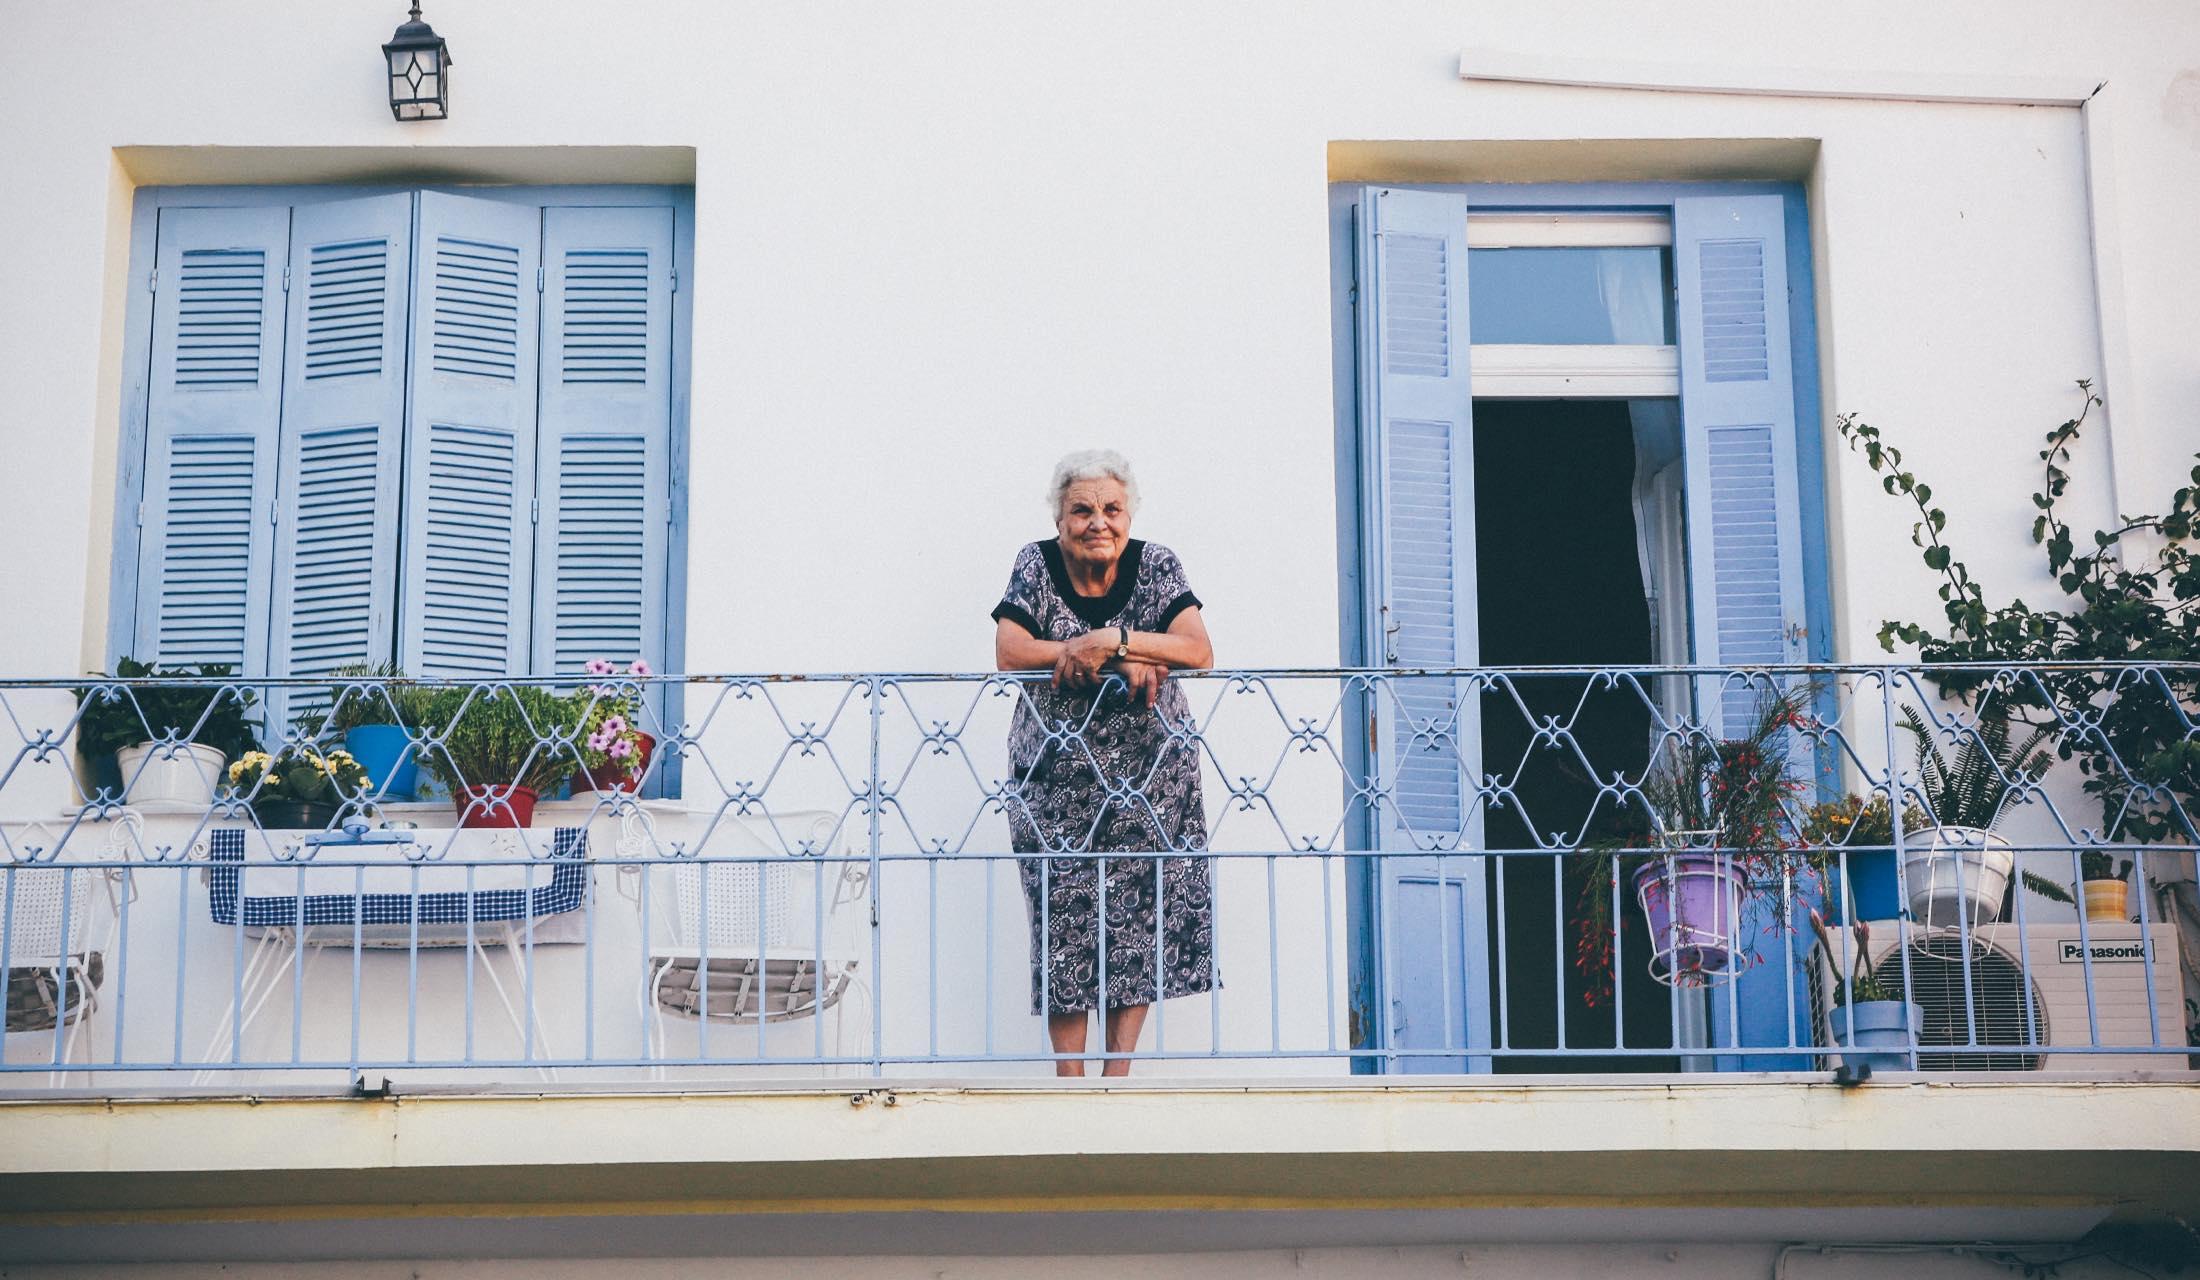 ベランダに佇むおばあさん